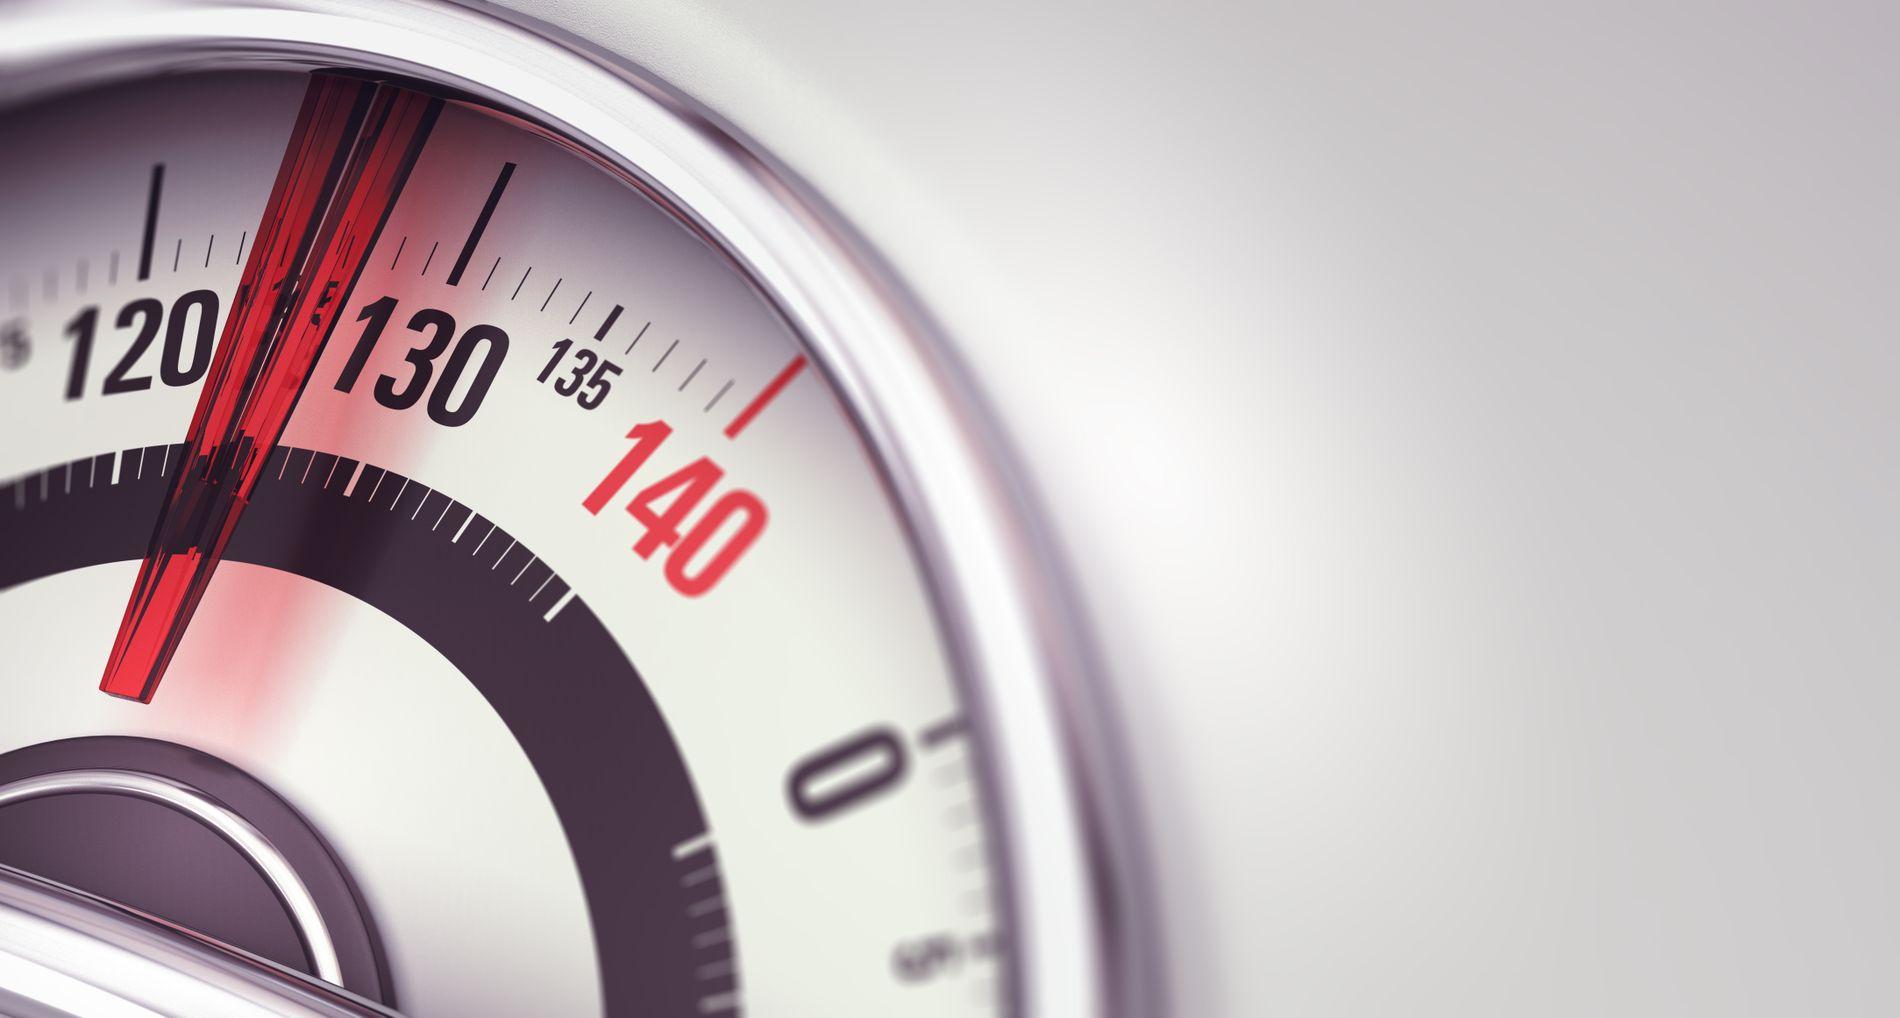 SYKDOM: Overspising krever behandling på lik linje med anoreksi og bulimi, skriver innsenderen. ILLUSTRASJON: SHUTTERSTOCK/NTB scanpix